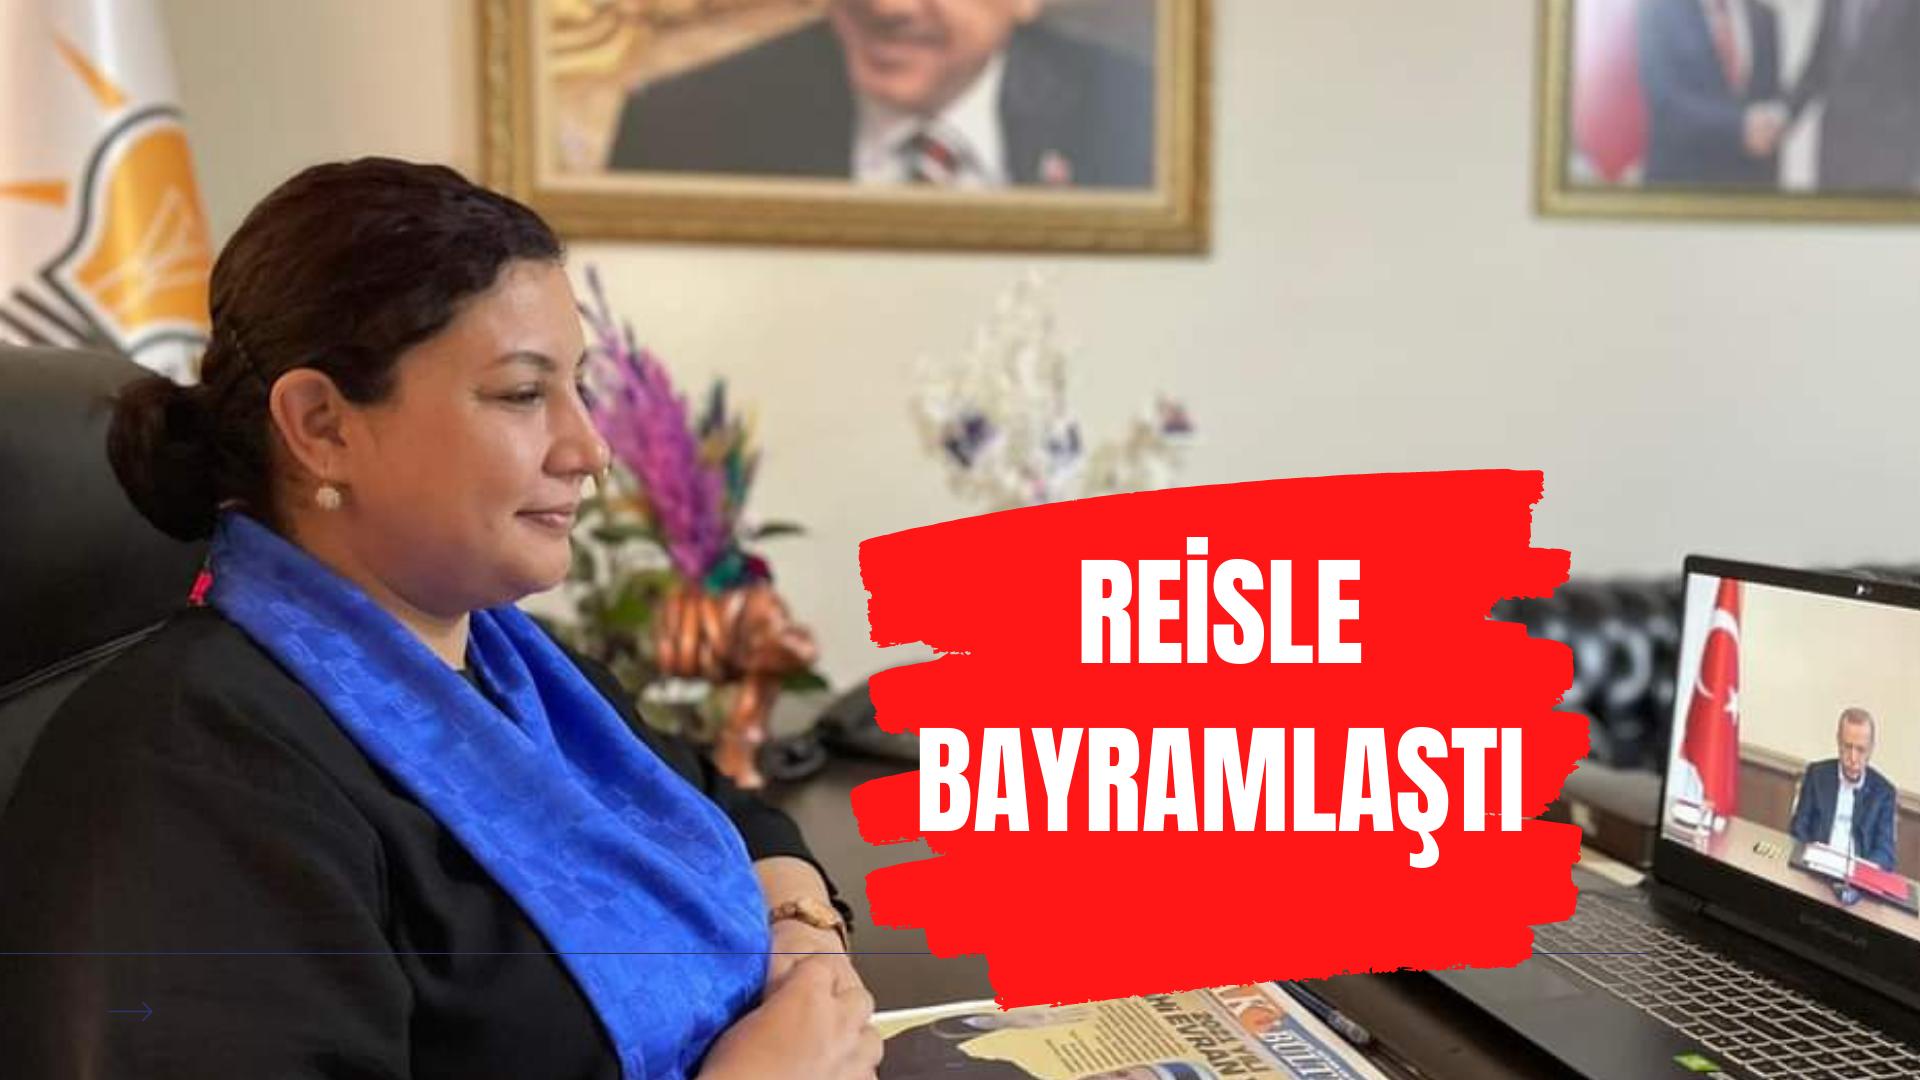 Seher Başkan Cumhurbaşkanı Erdoğan ile bayramlaştı